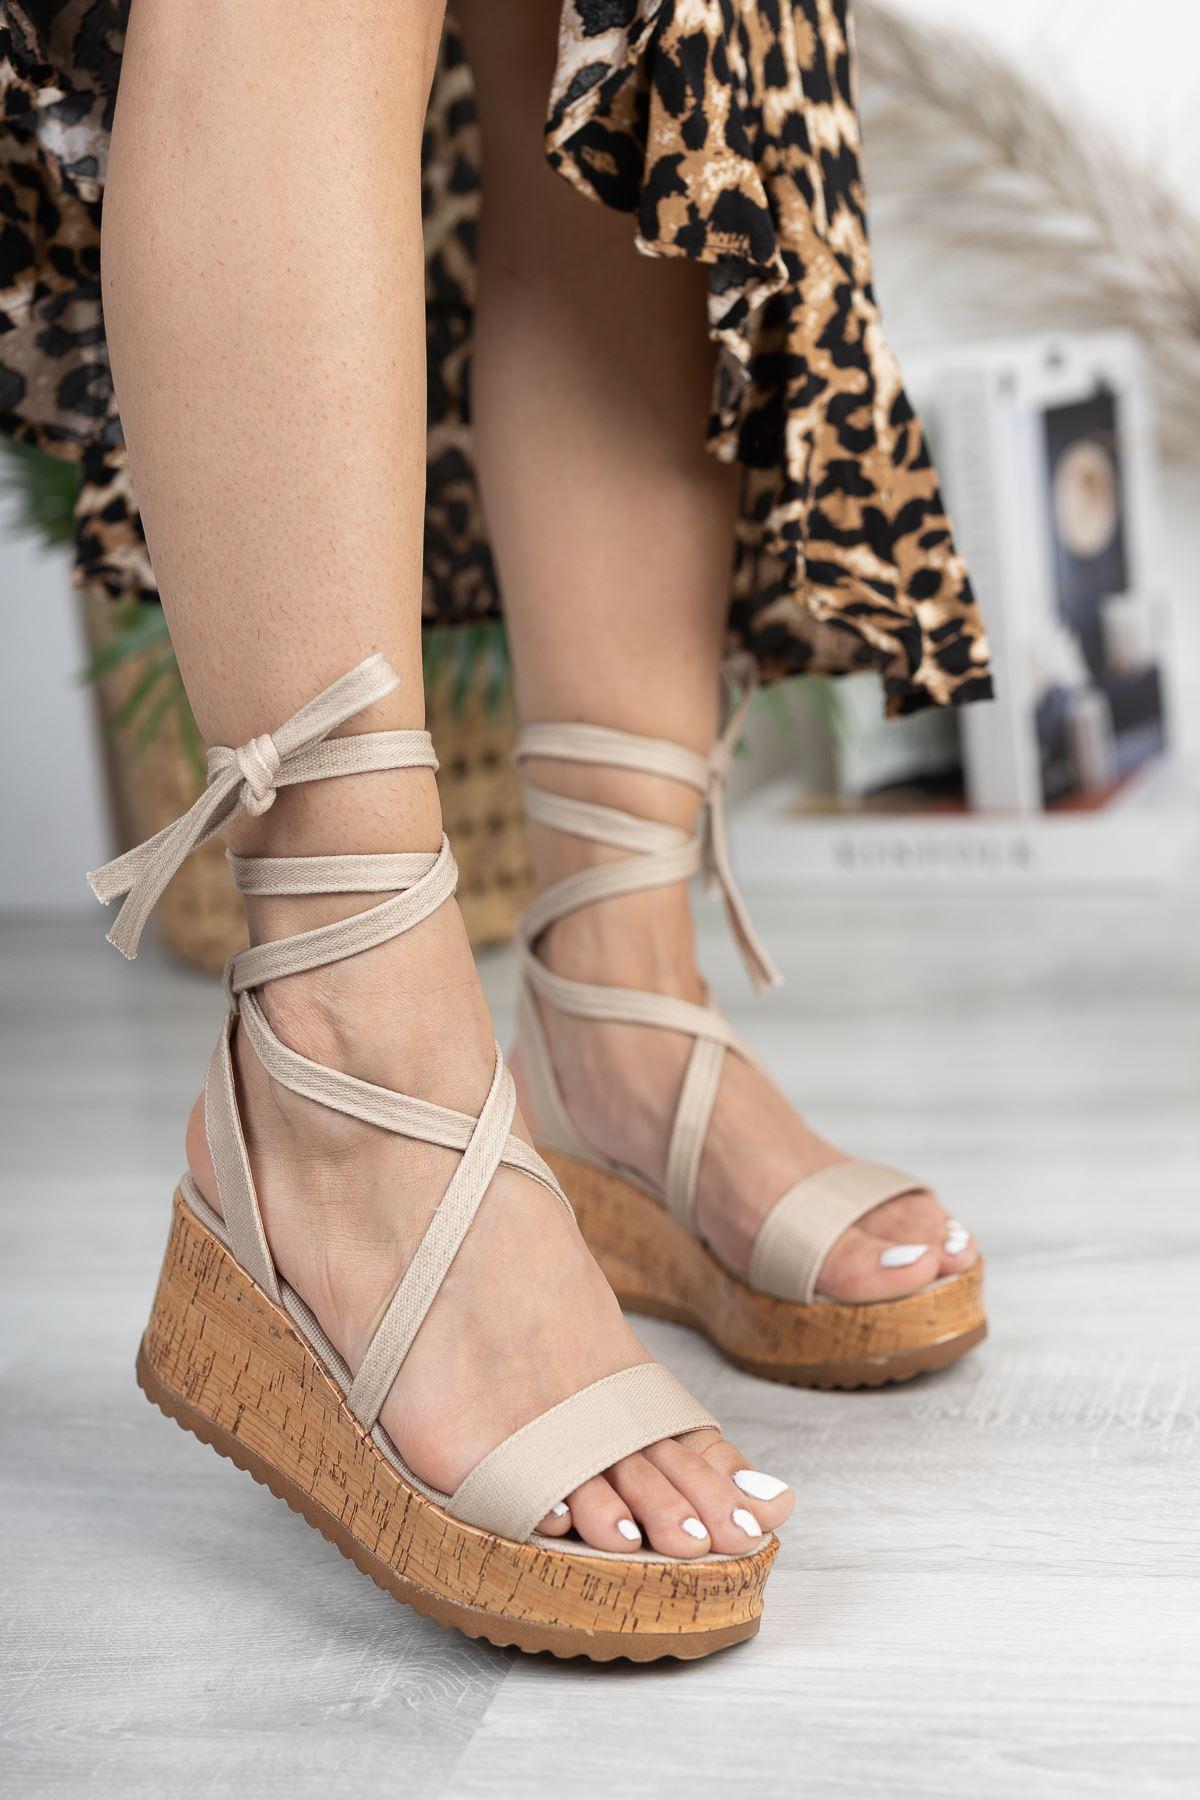 Bej Keten Bilekten Bağlamalı Dolgu Topuk Sandalet